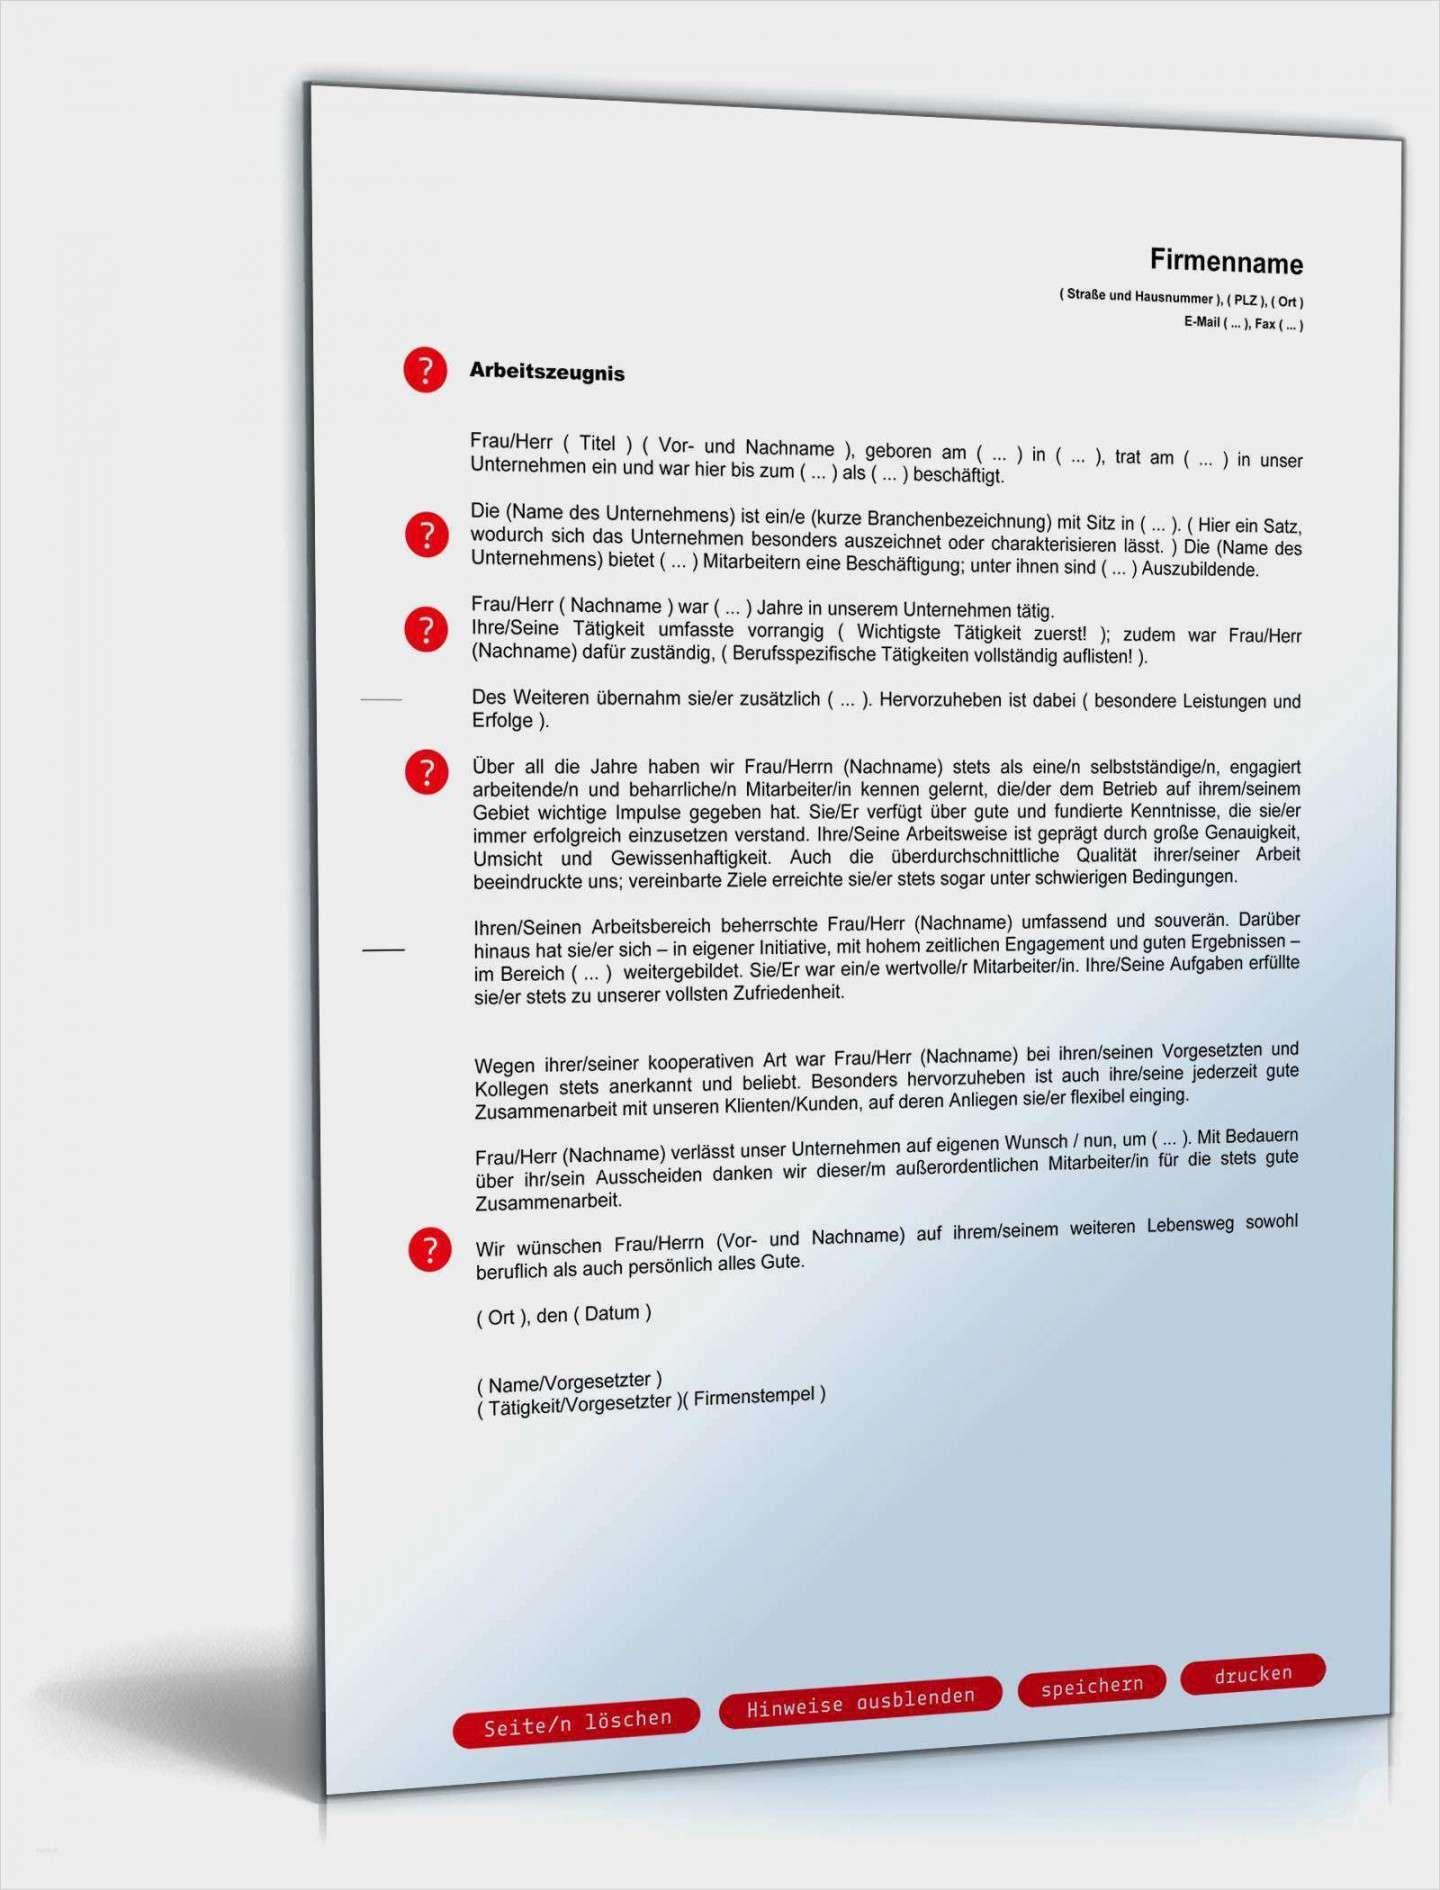 Praktischangente Praktikumszeugnis Vorlage Word In 2020 Vorlagen Word Arbeitszeugnis Vorlagen Lebenslauf